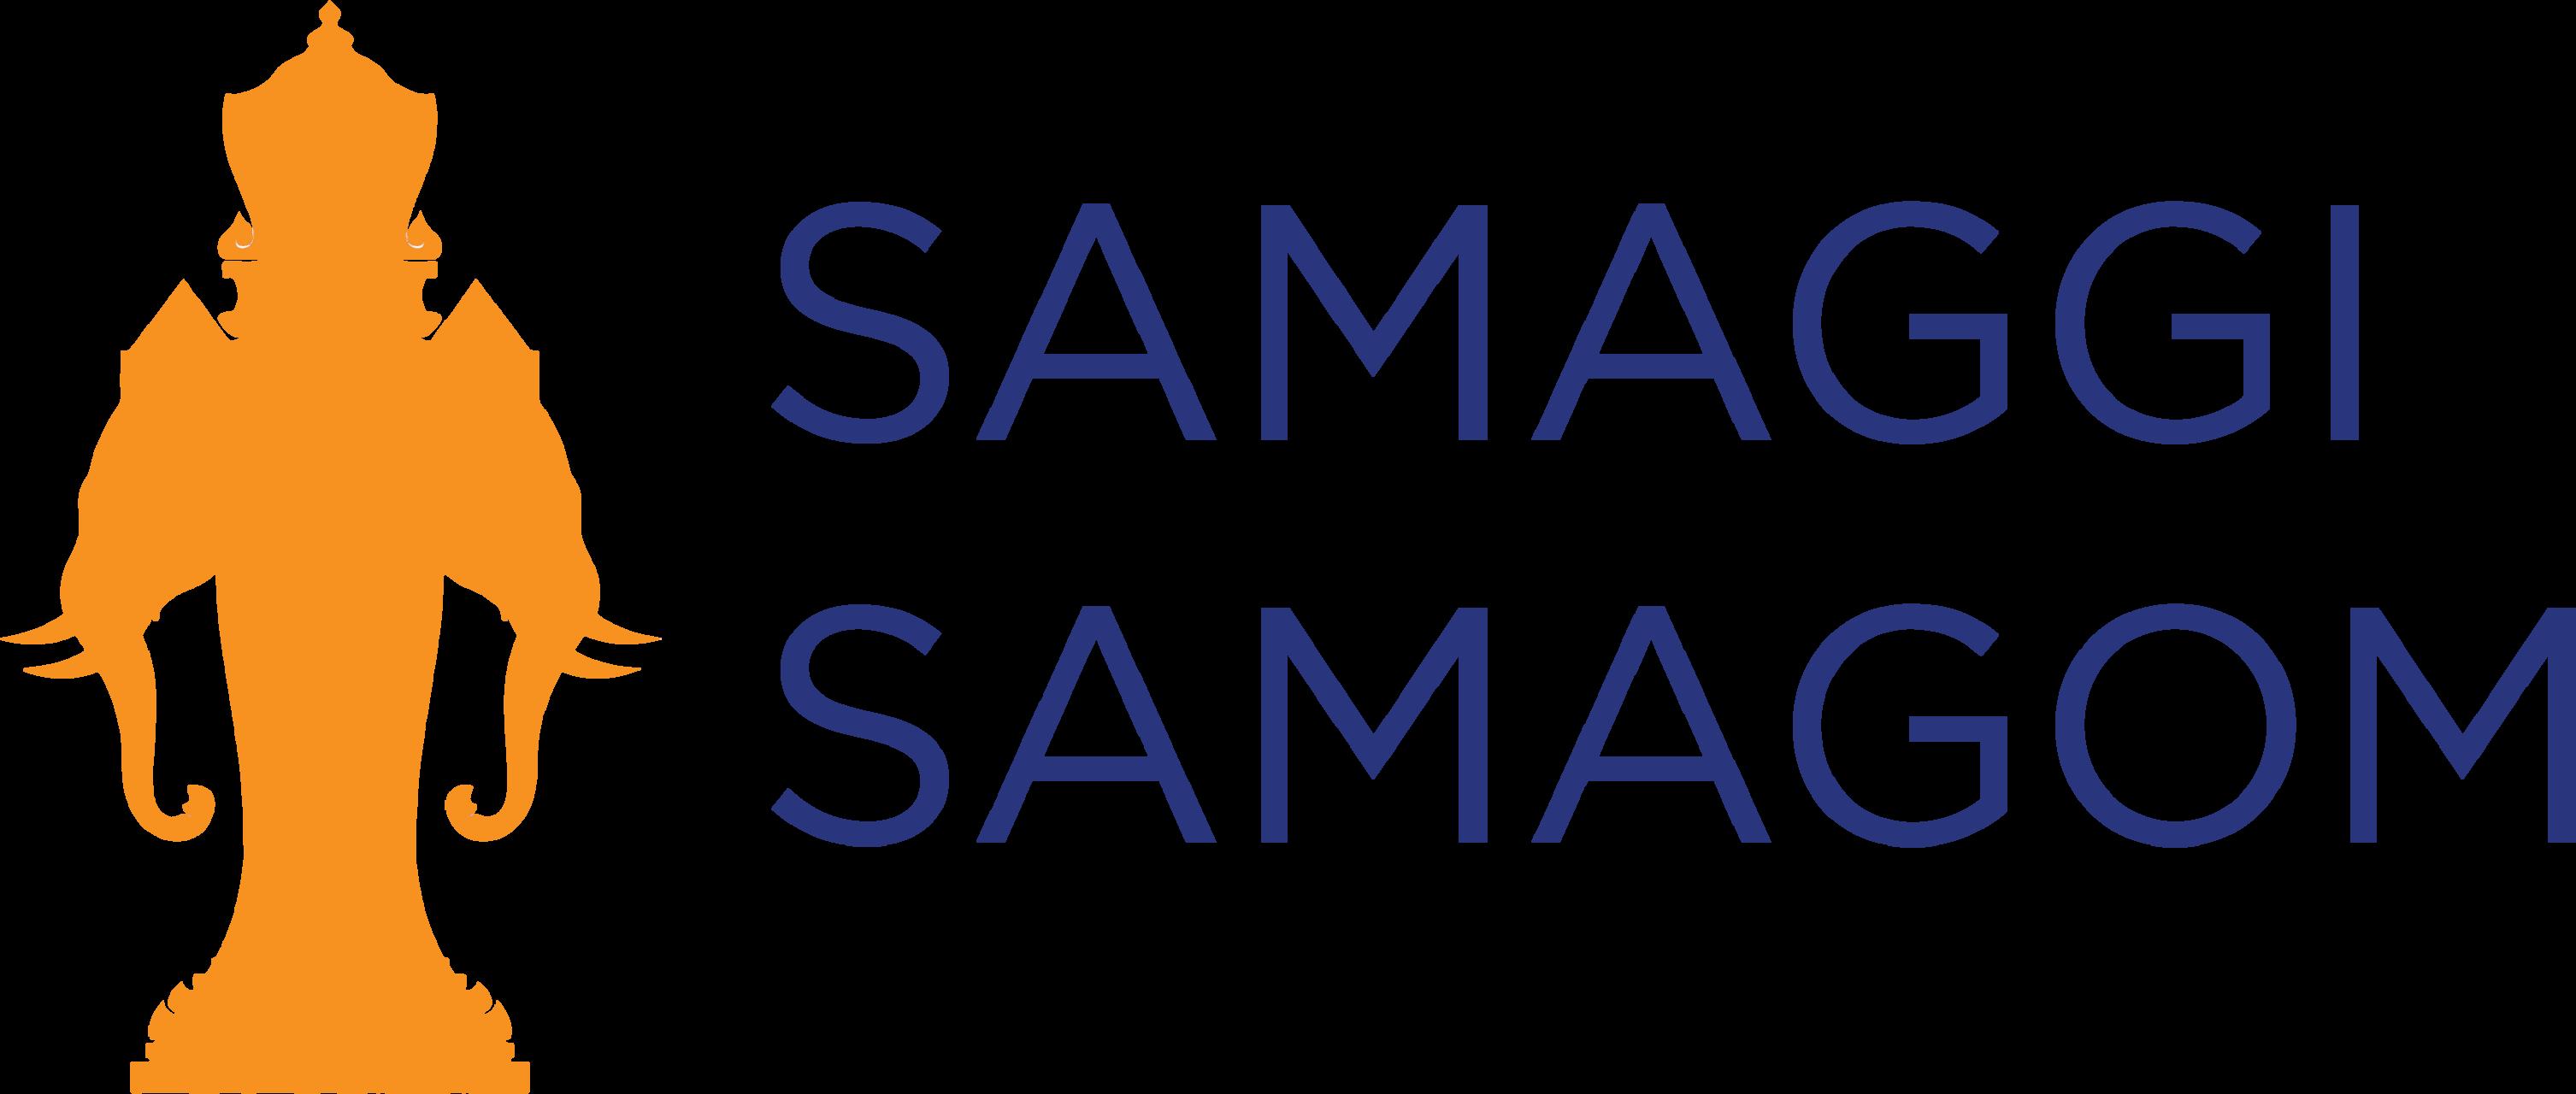 Samaggi Samagom